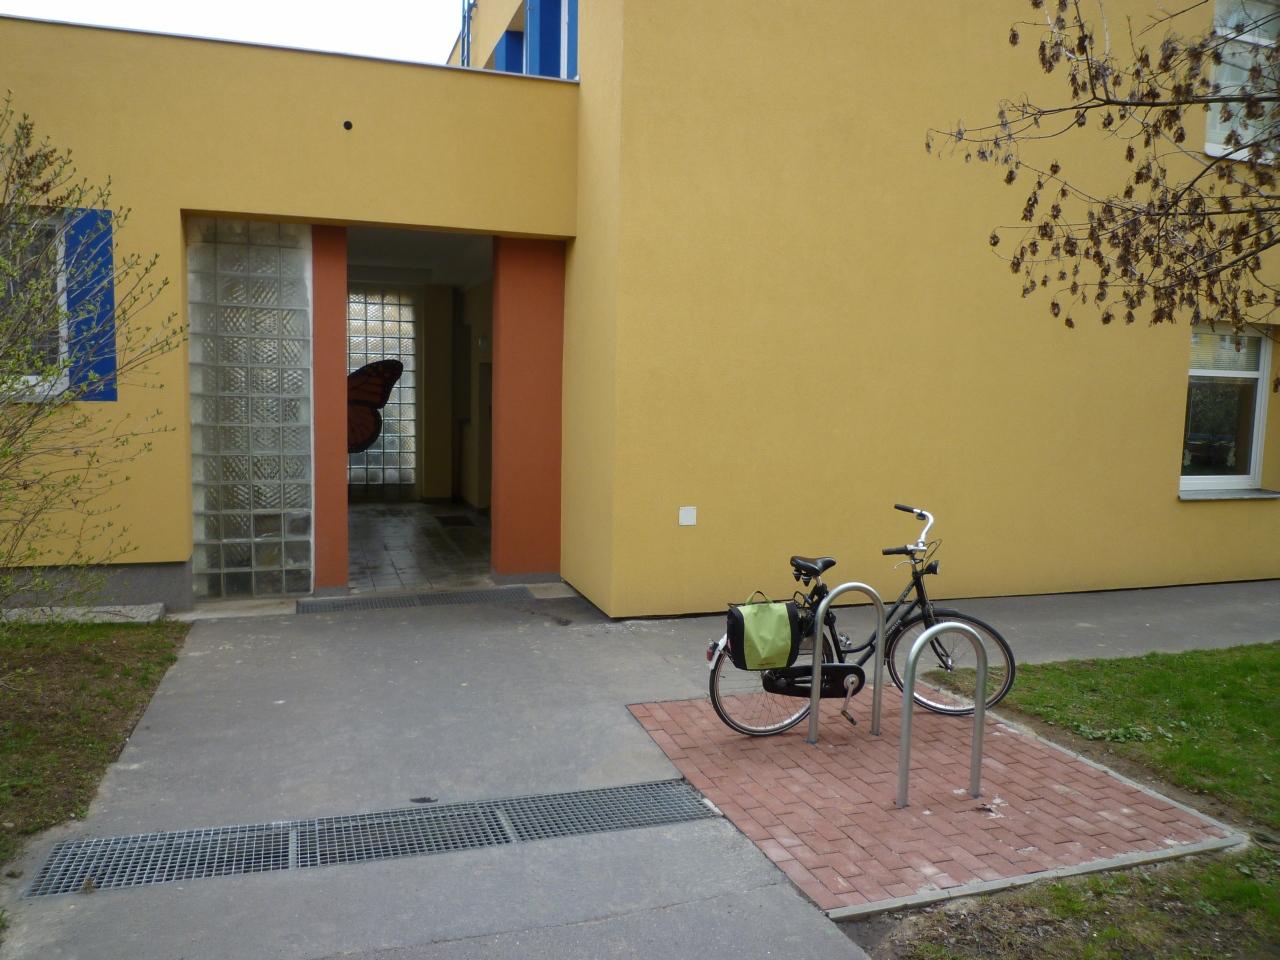 II 01b MŠ Modletická 1402, obrázek se otevře v novém okně